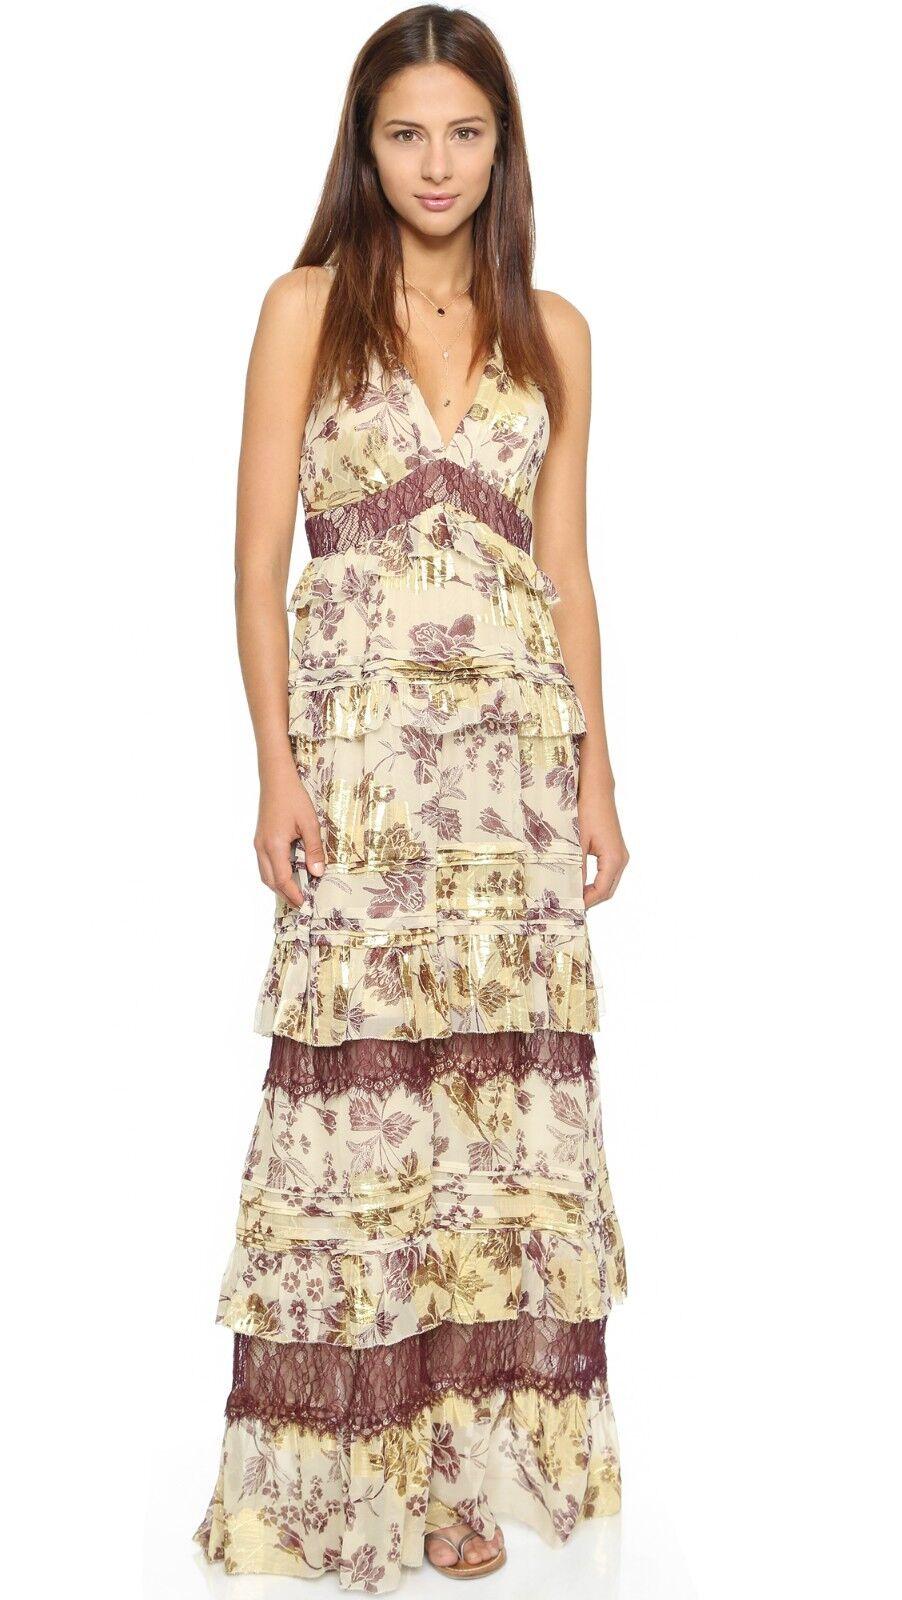 NWT DVF Diane von Furstenberg Karen Ruffled Silk Lace-Detail Gown Dress sz 8